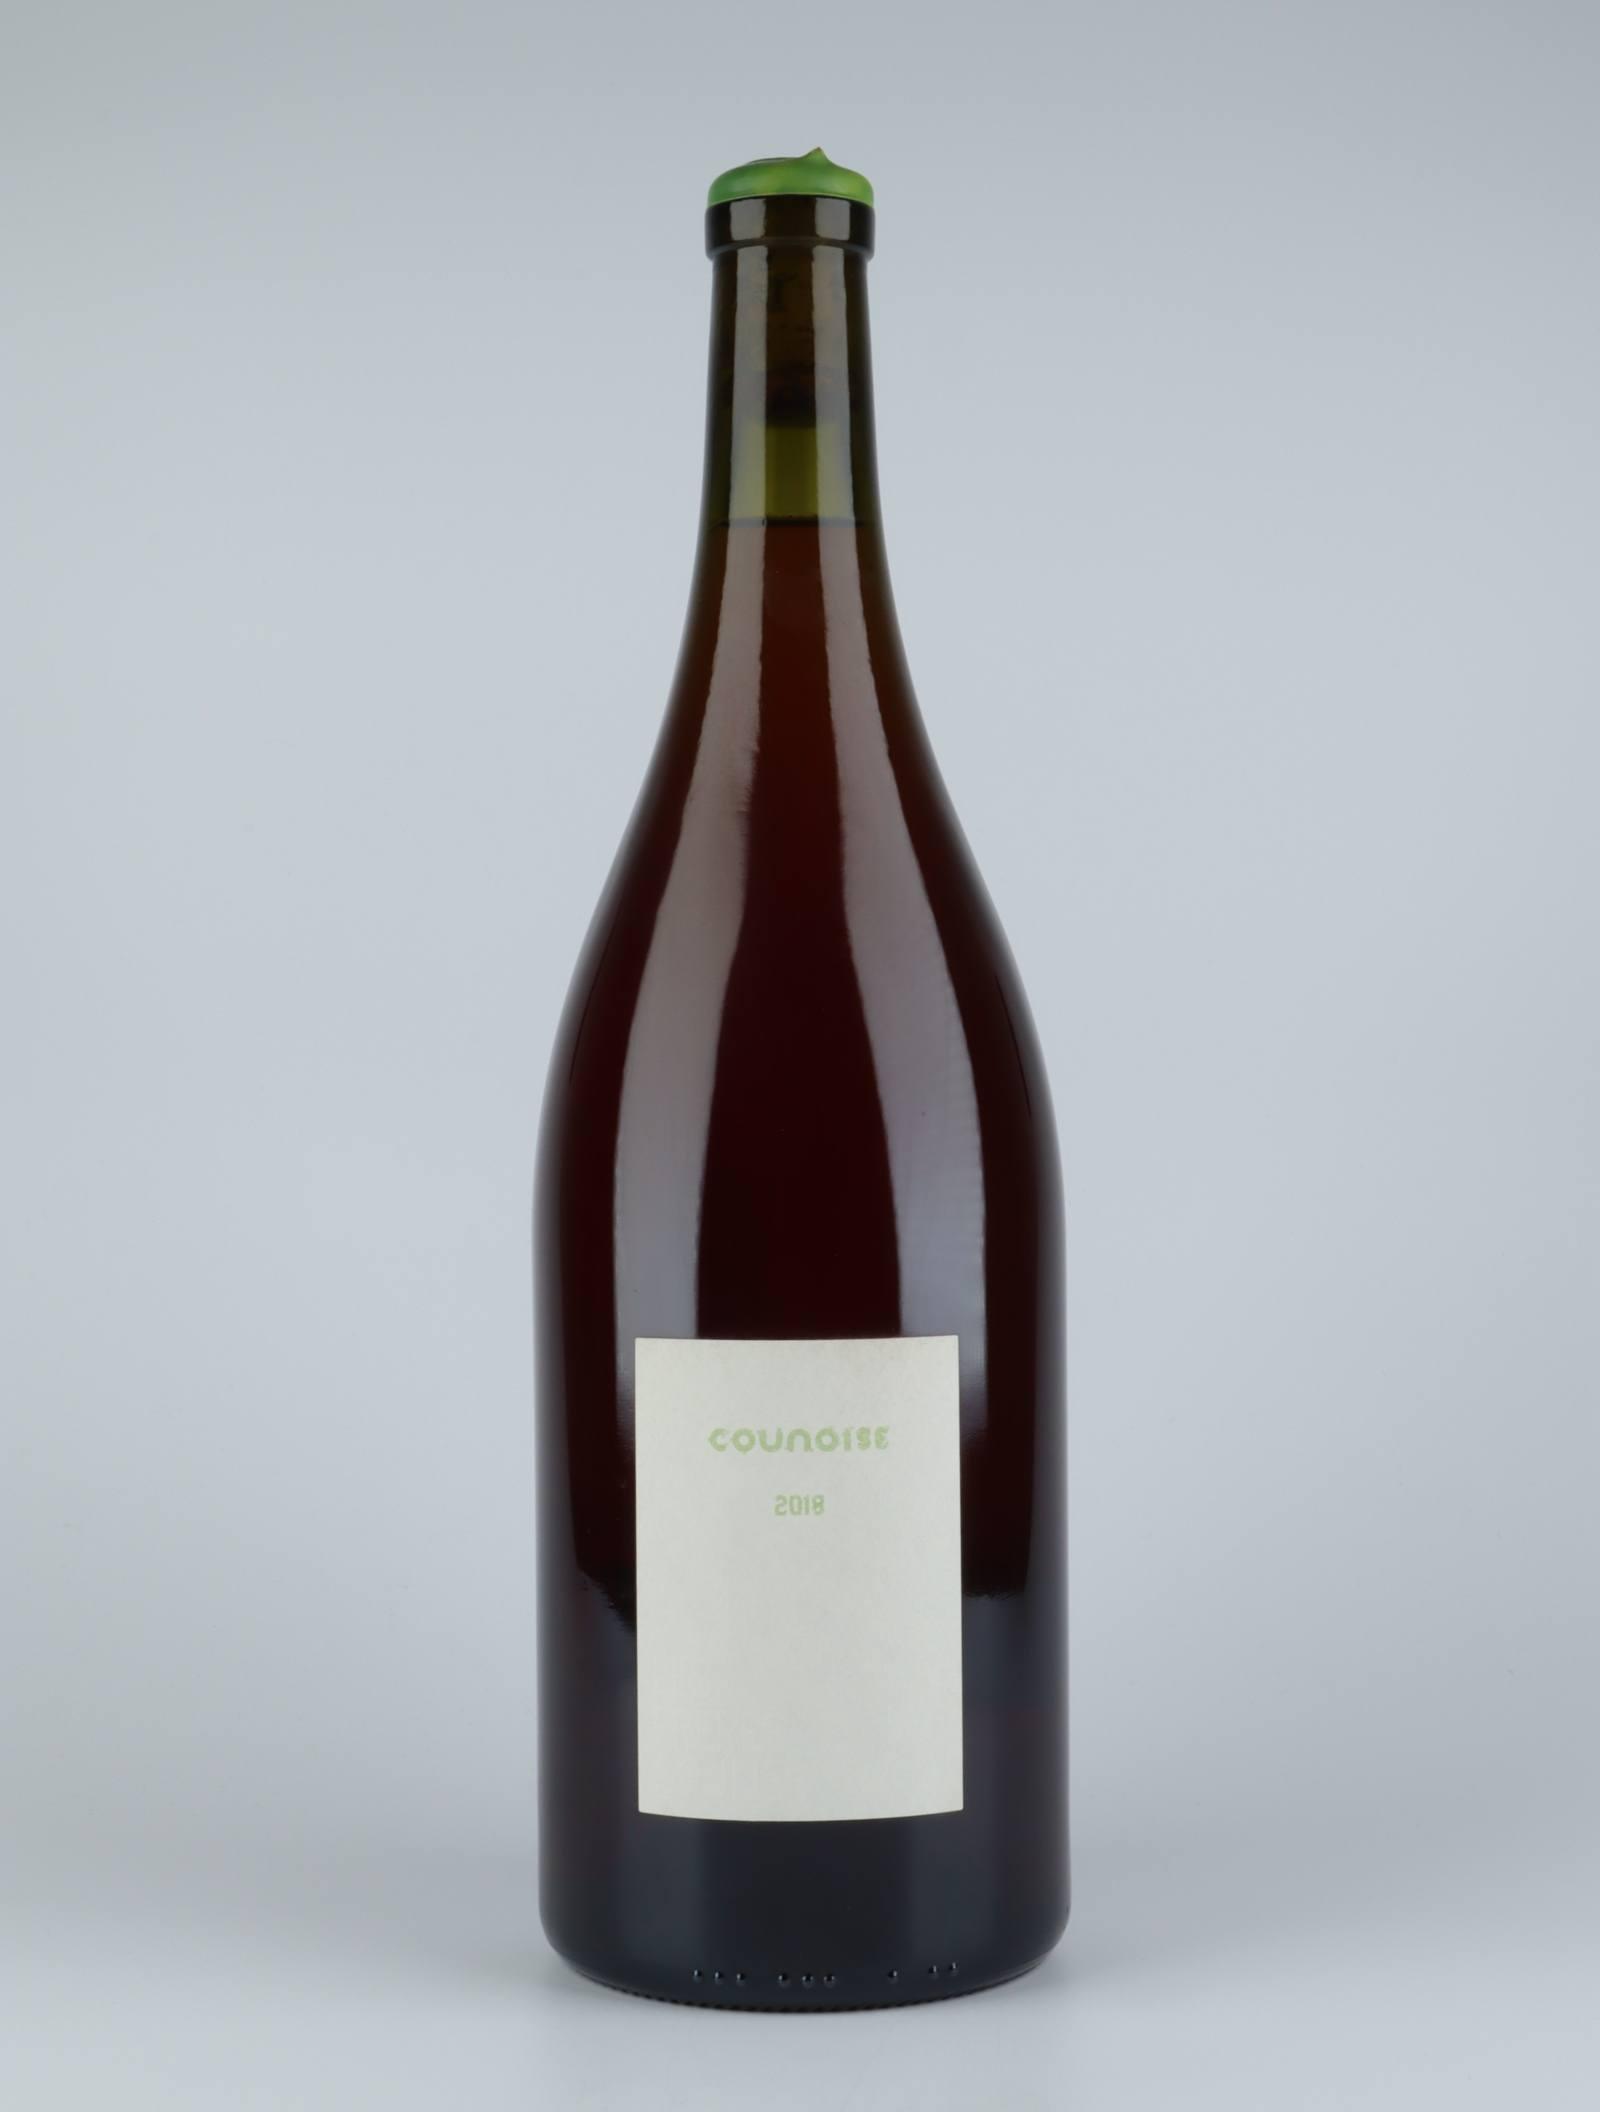 Counoise - Rosé